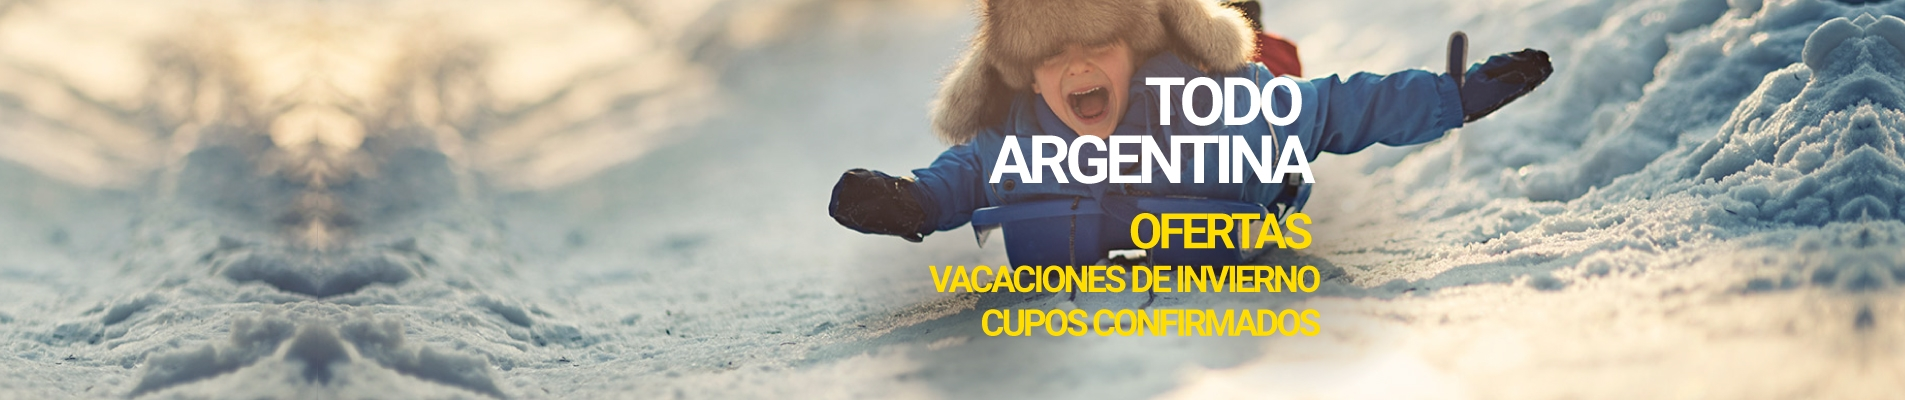 Argentina vacaciones